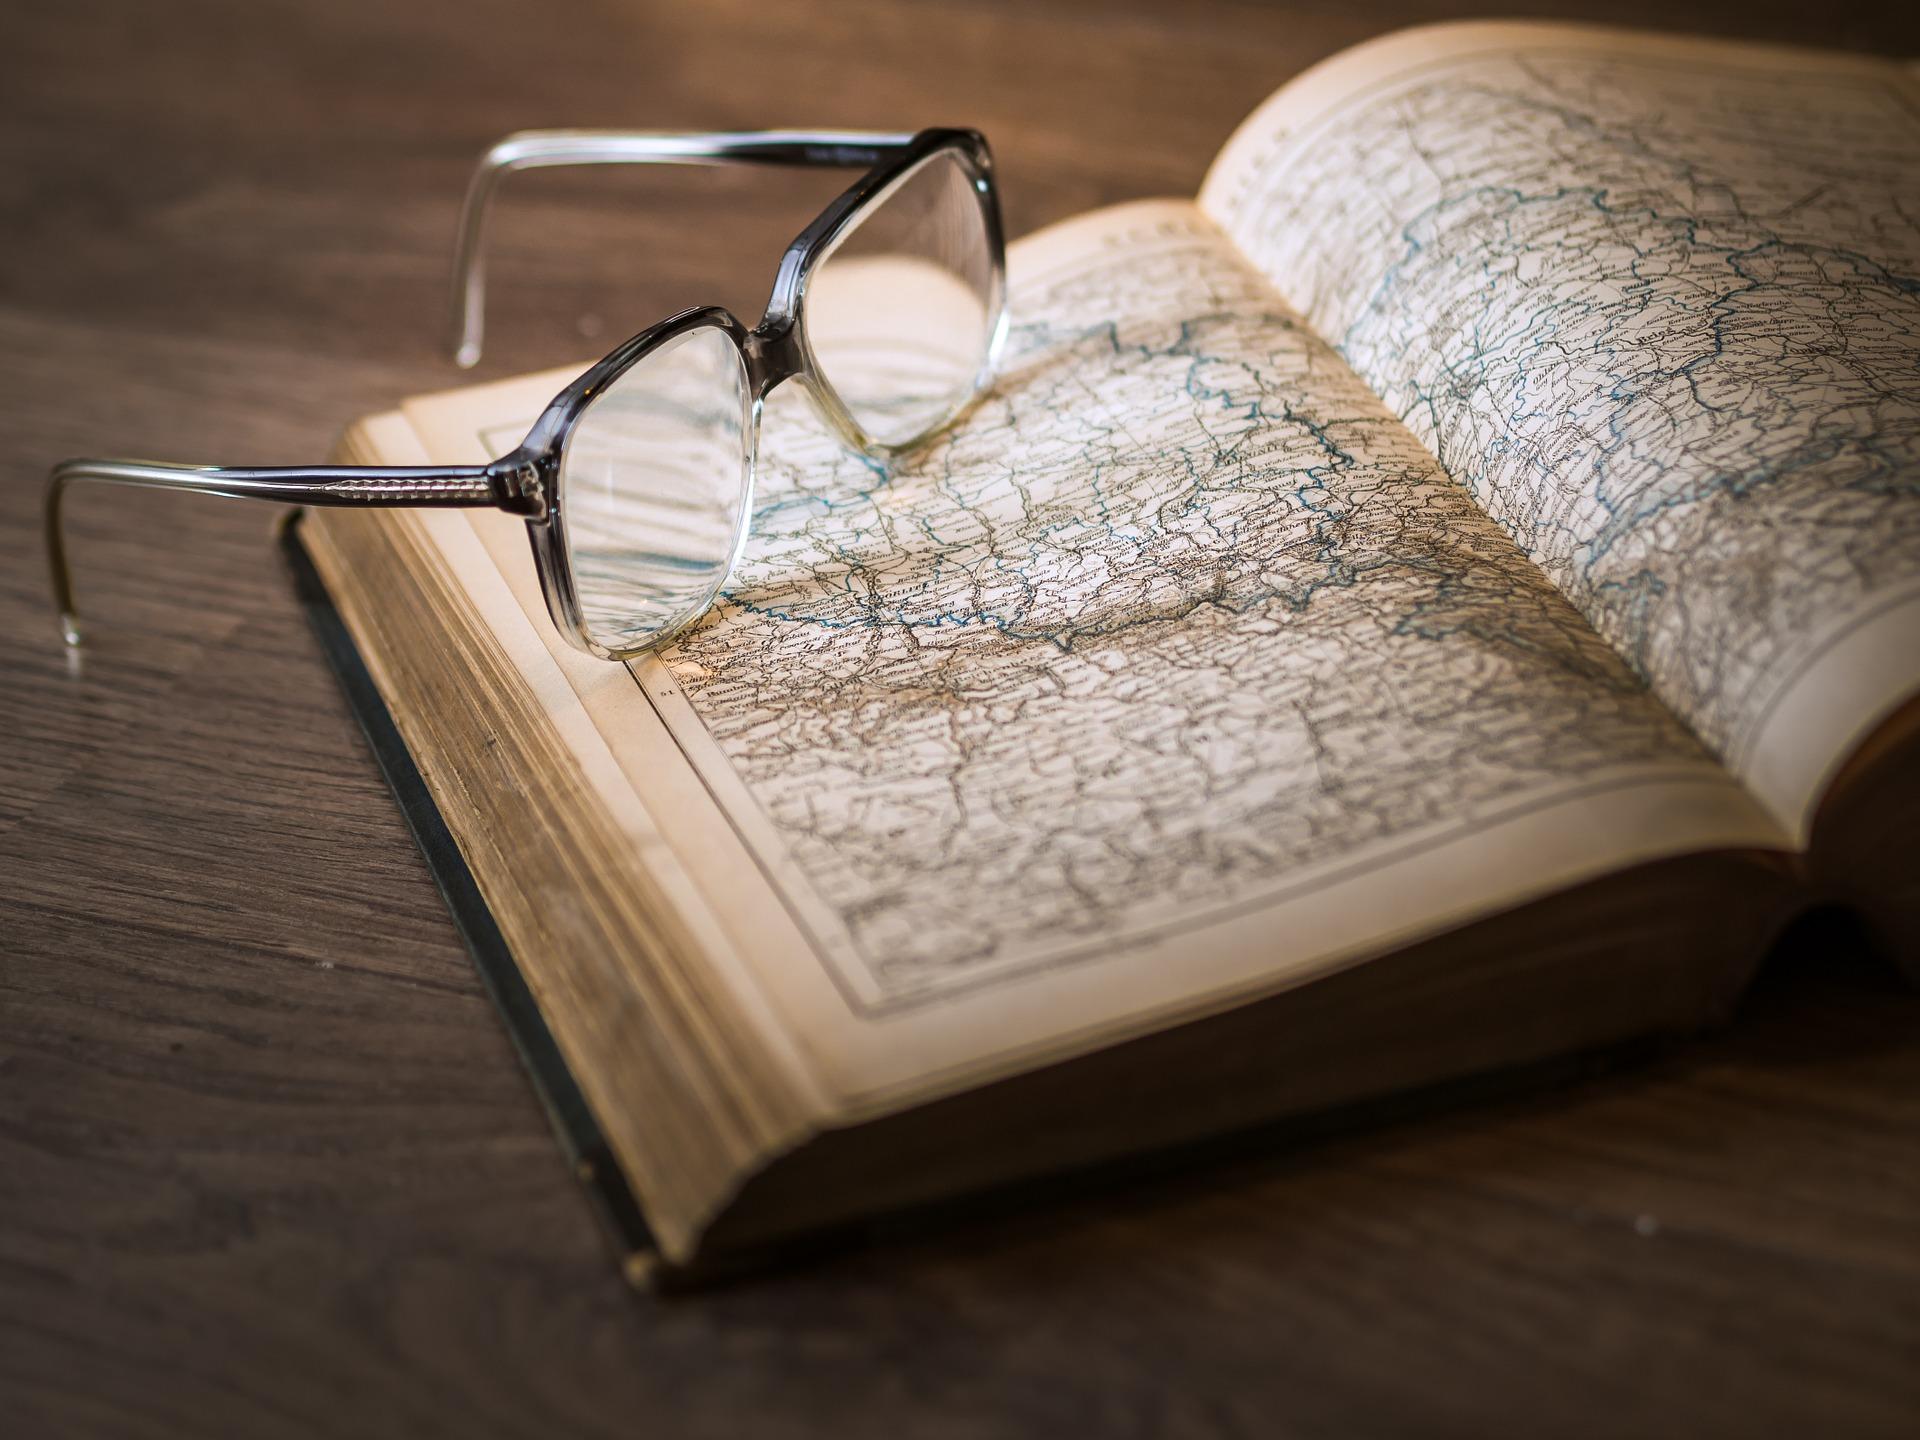 Consideraciones generales para tener en cuenta a la hora de ambientar tu novela: el periodo